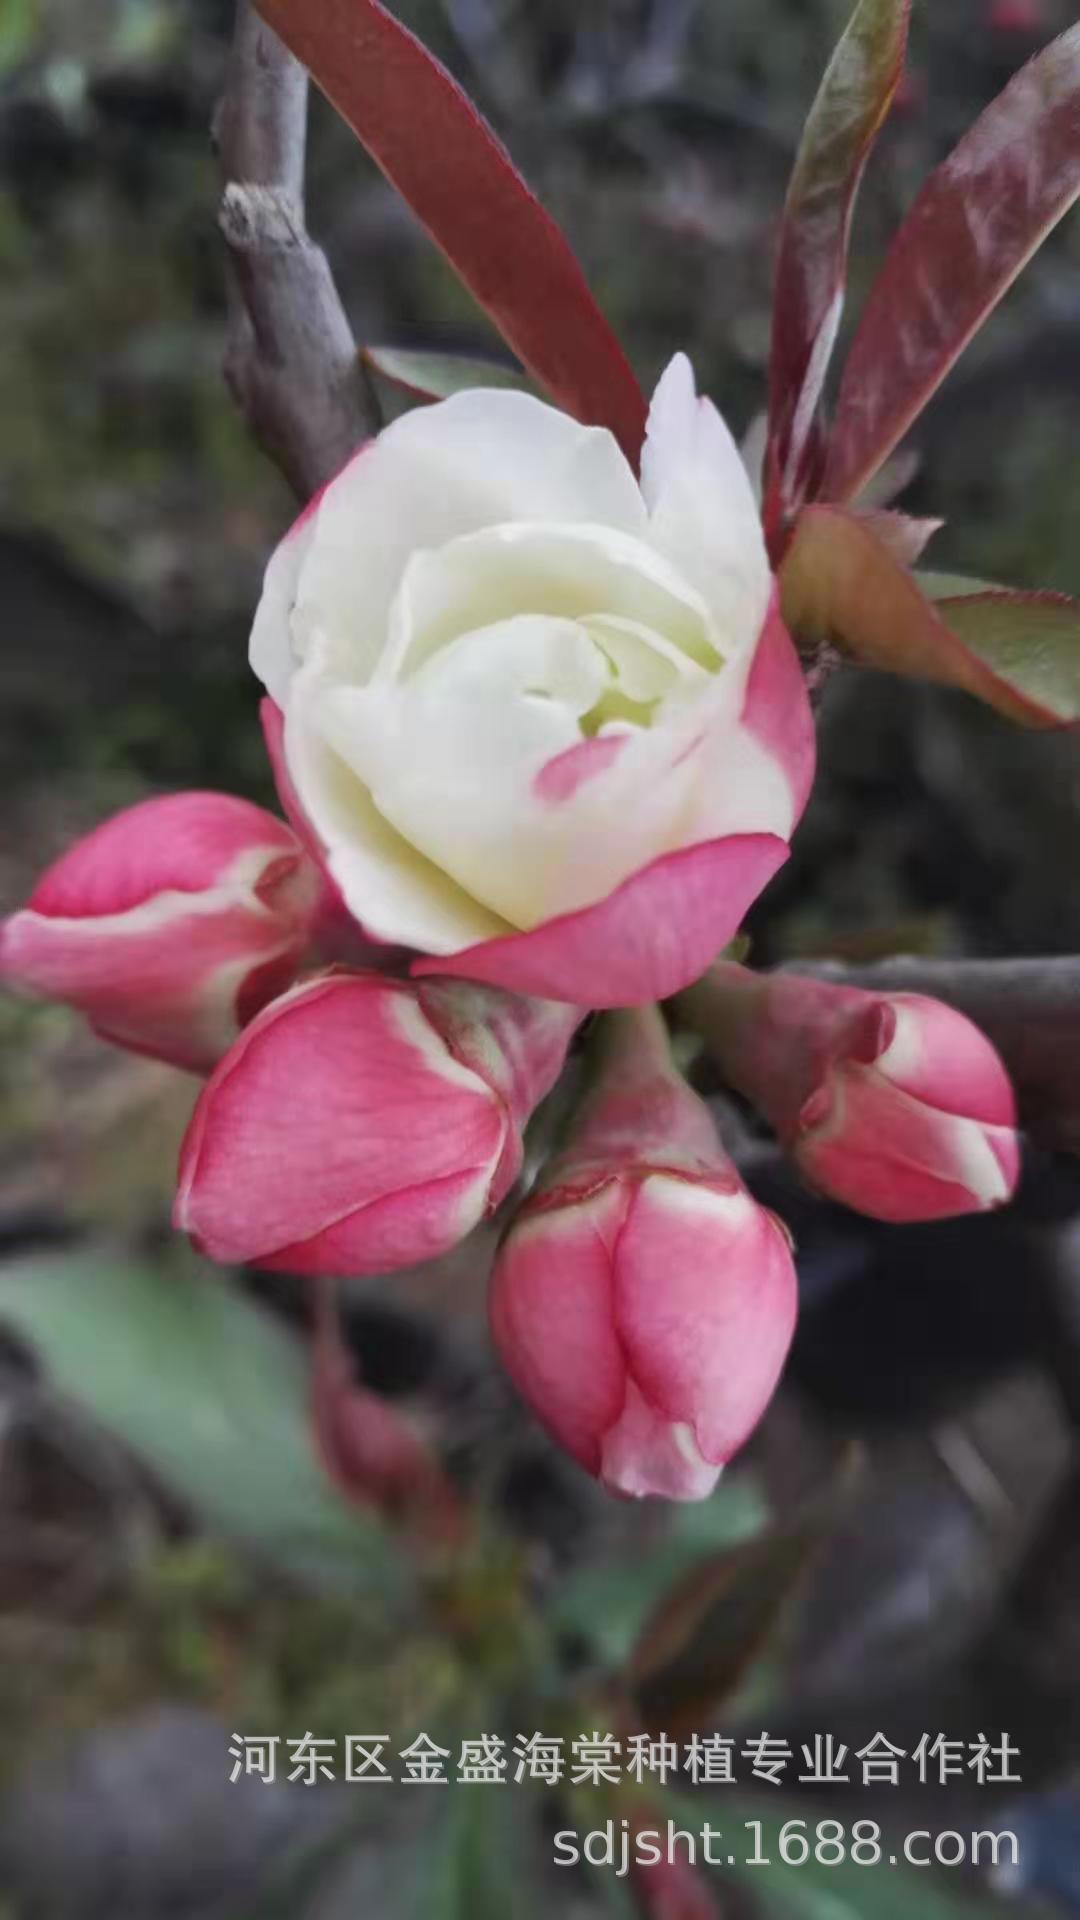 供应品种海棠羽衣锦花天女八咫鸟大黑天等日本木瓜海棠品种